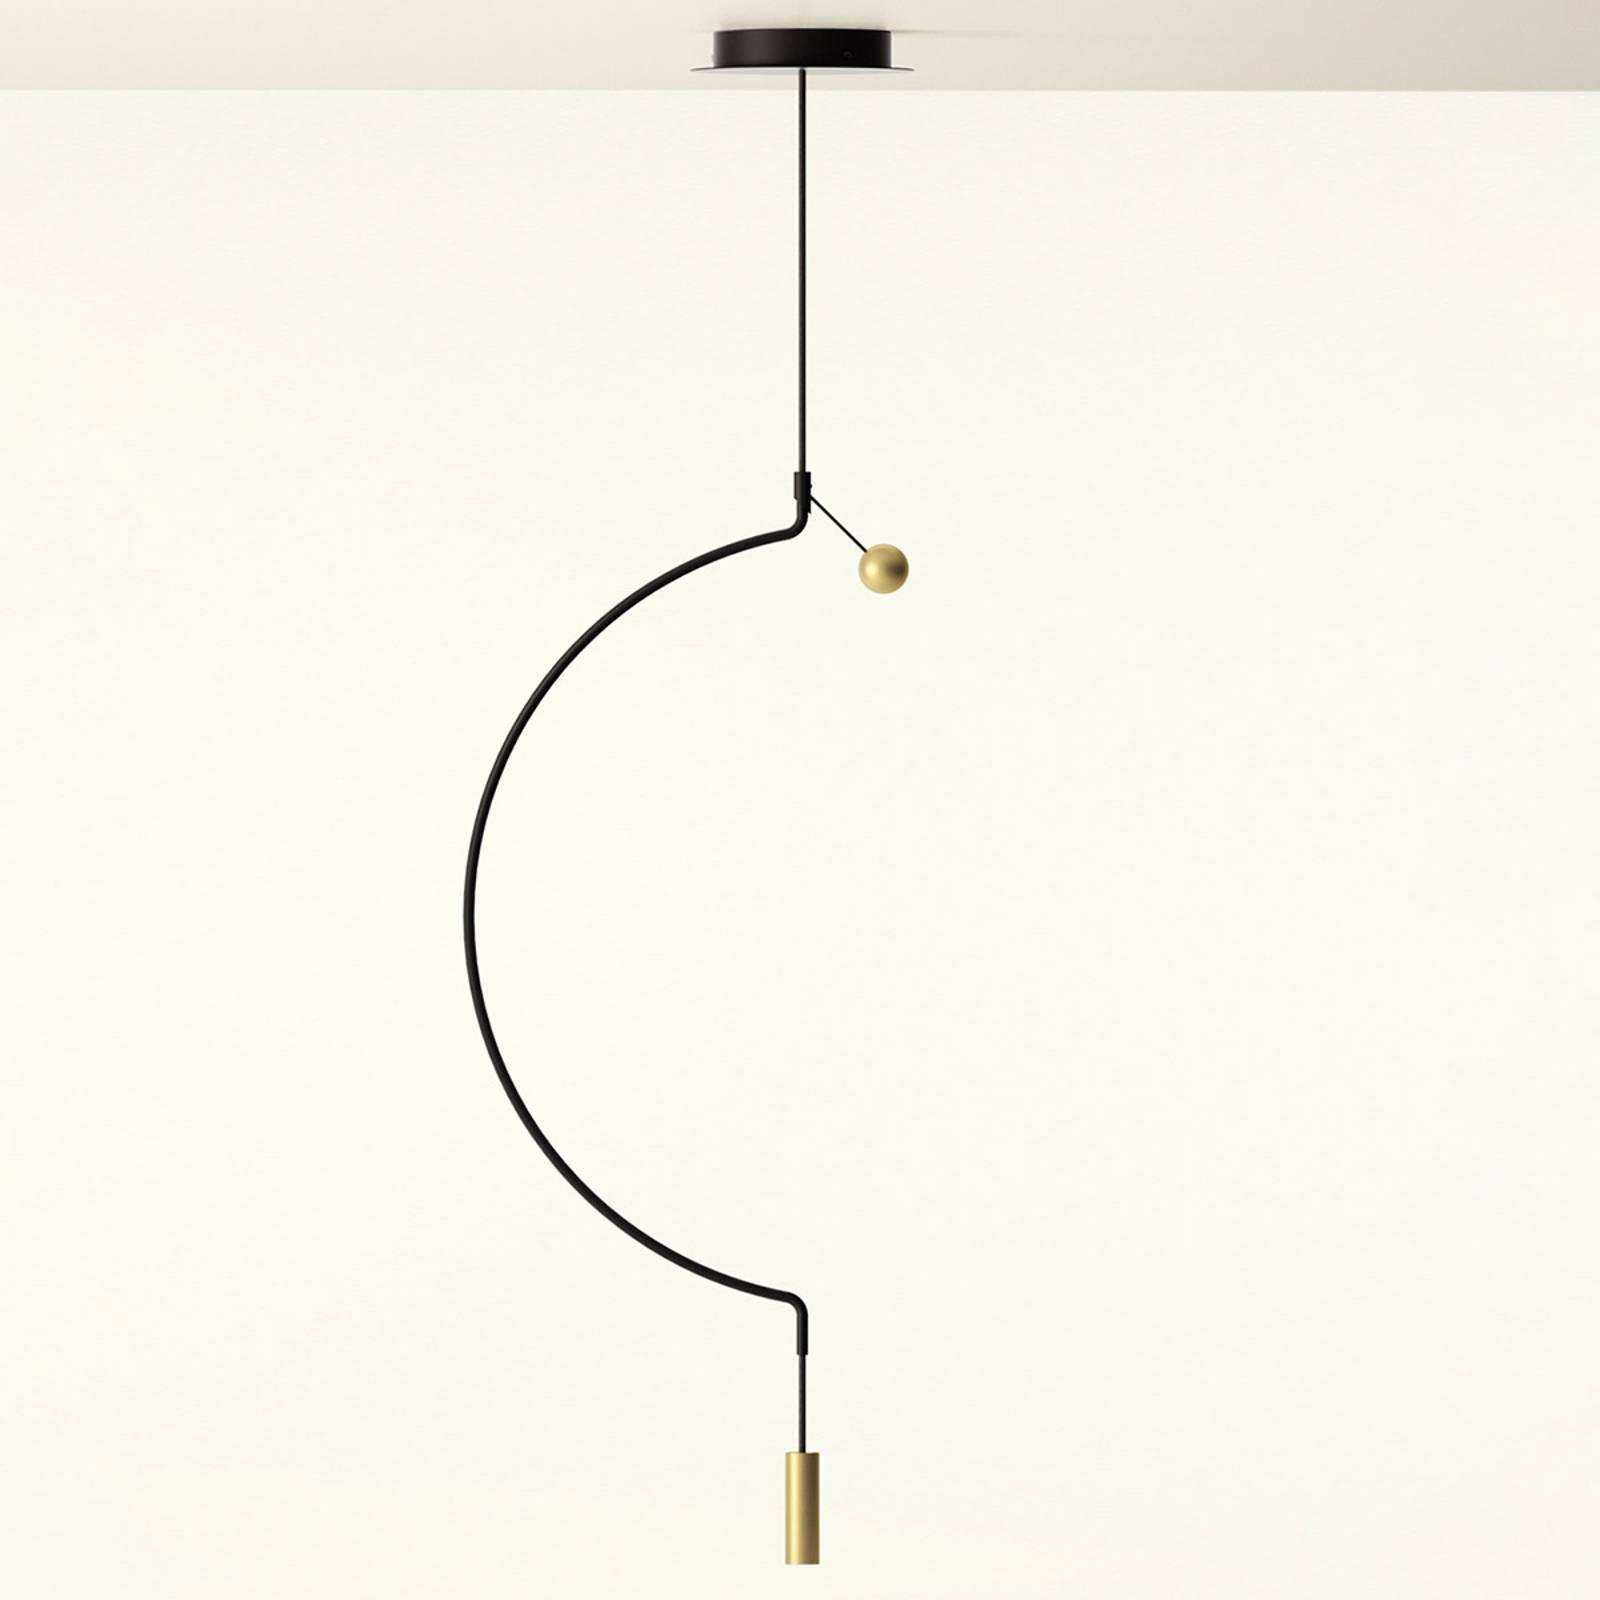 Axolight Liaison M1 Pendellampe schwarz/gold 46cm günstig online kaufen